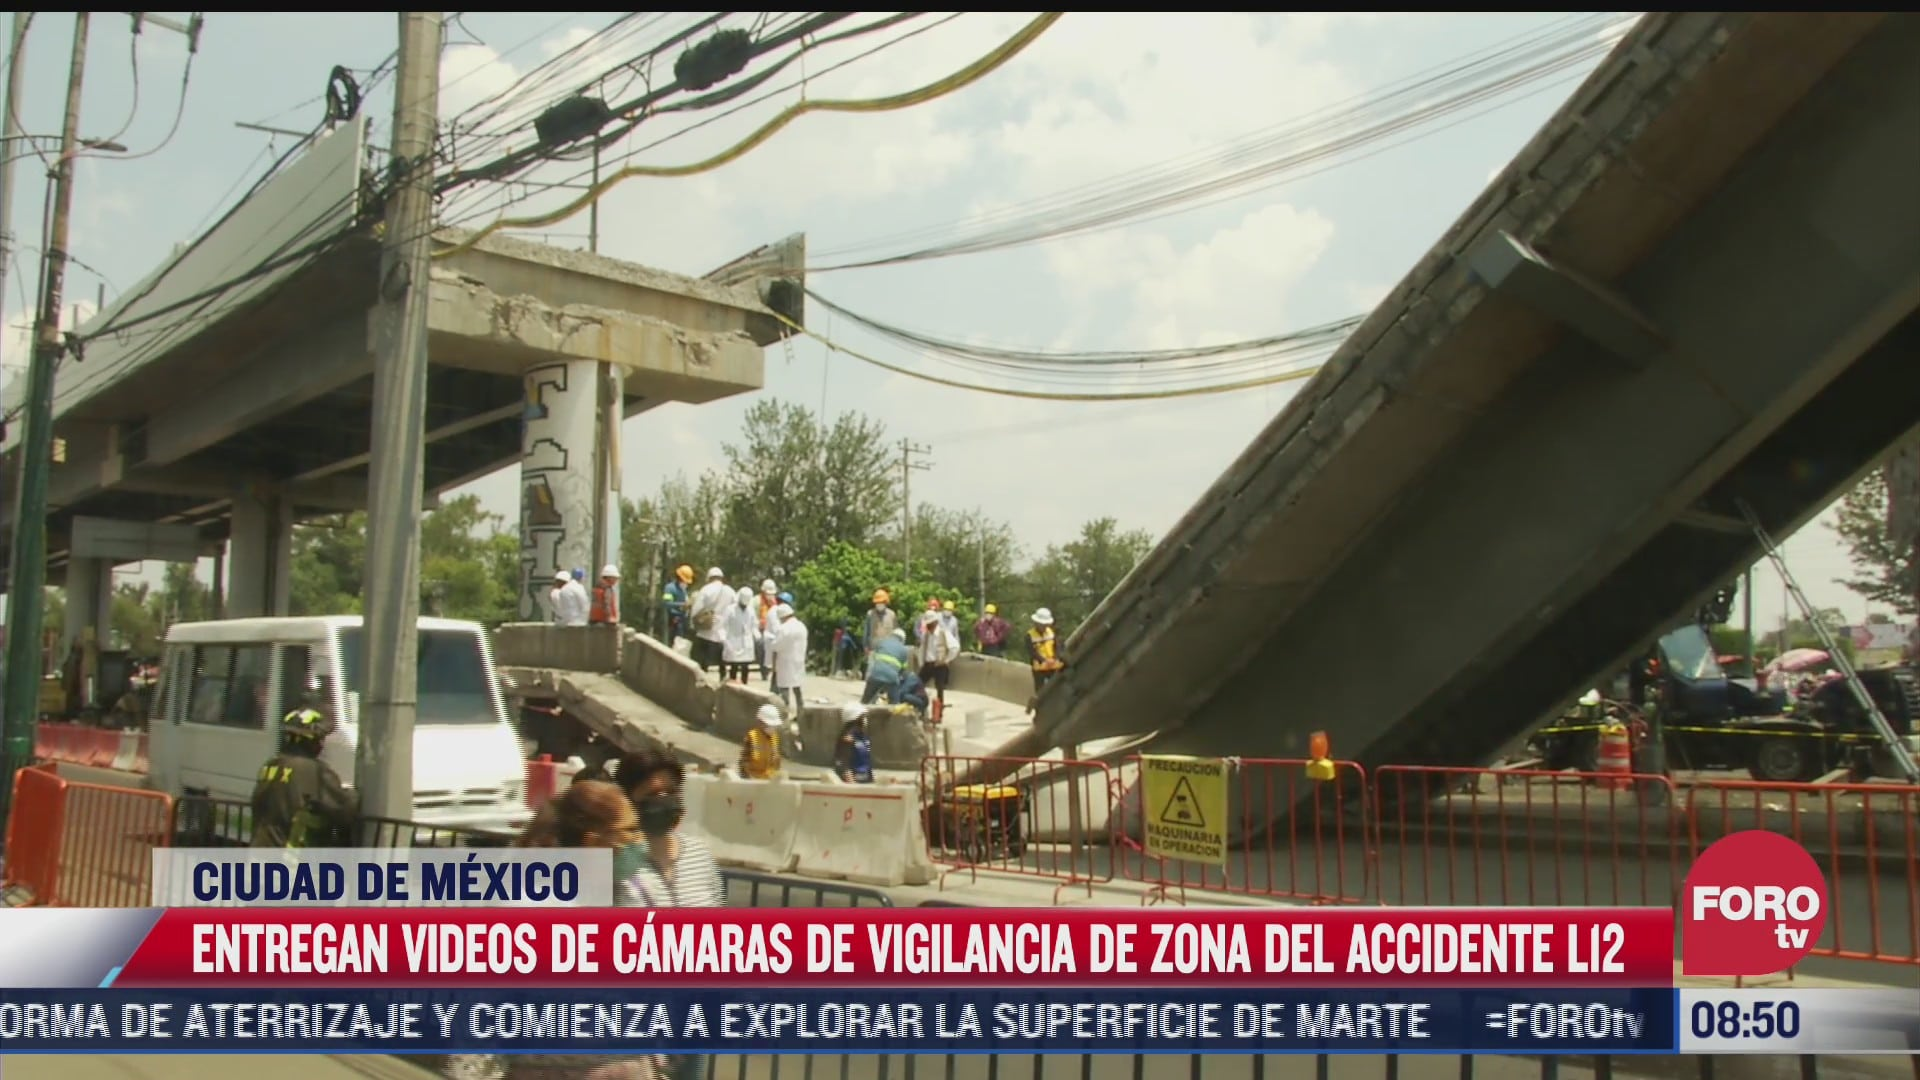 peritos continuan recabando muestras en zona del accidente de linea 12 del metro